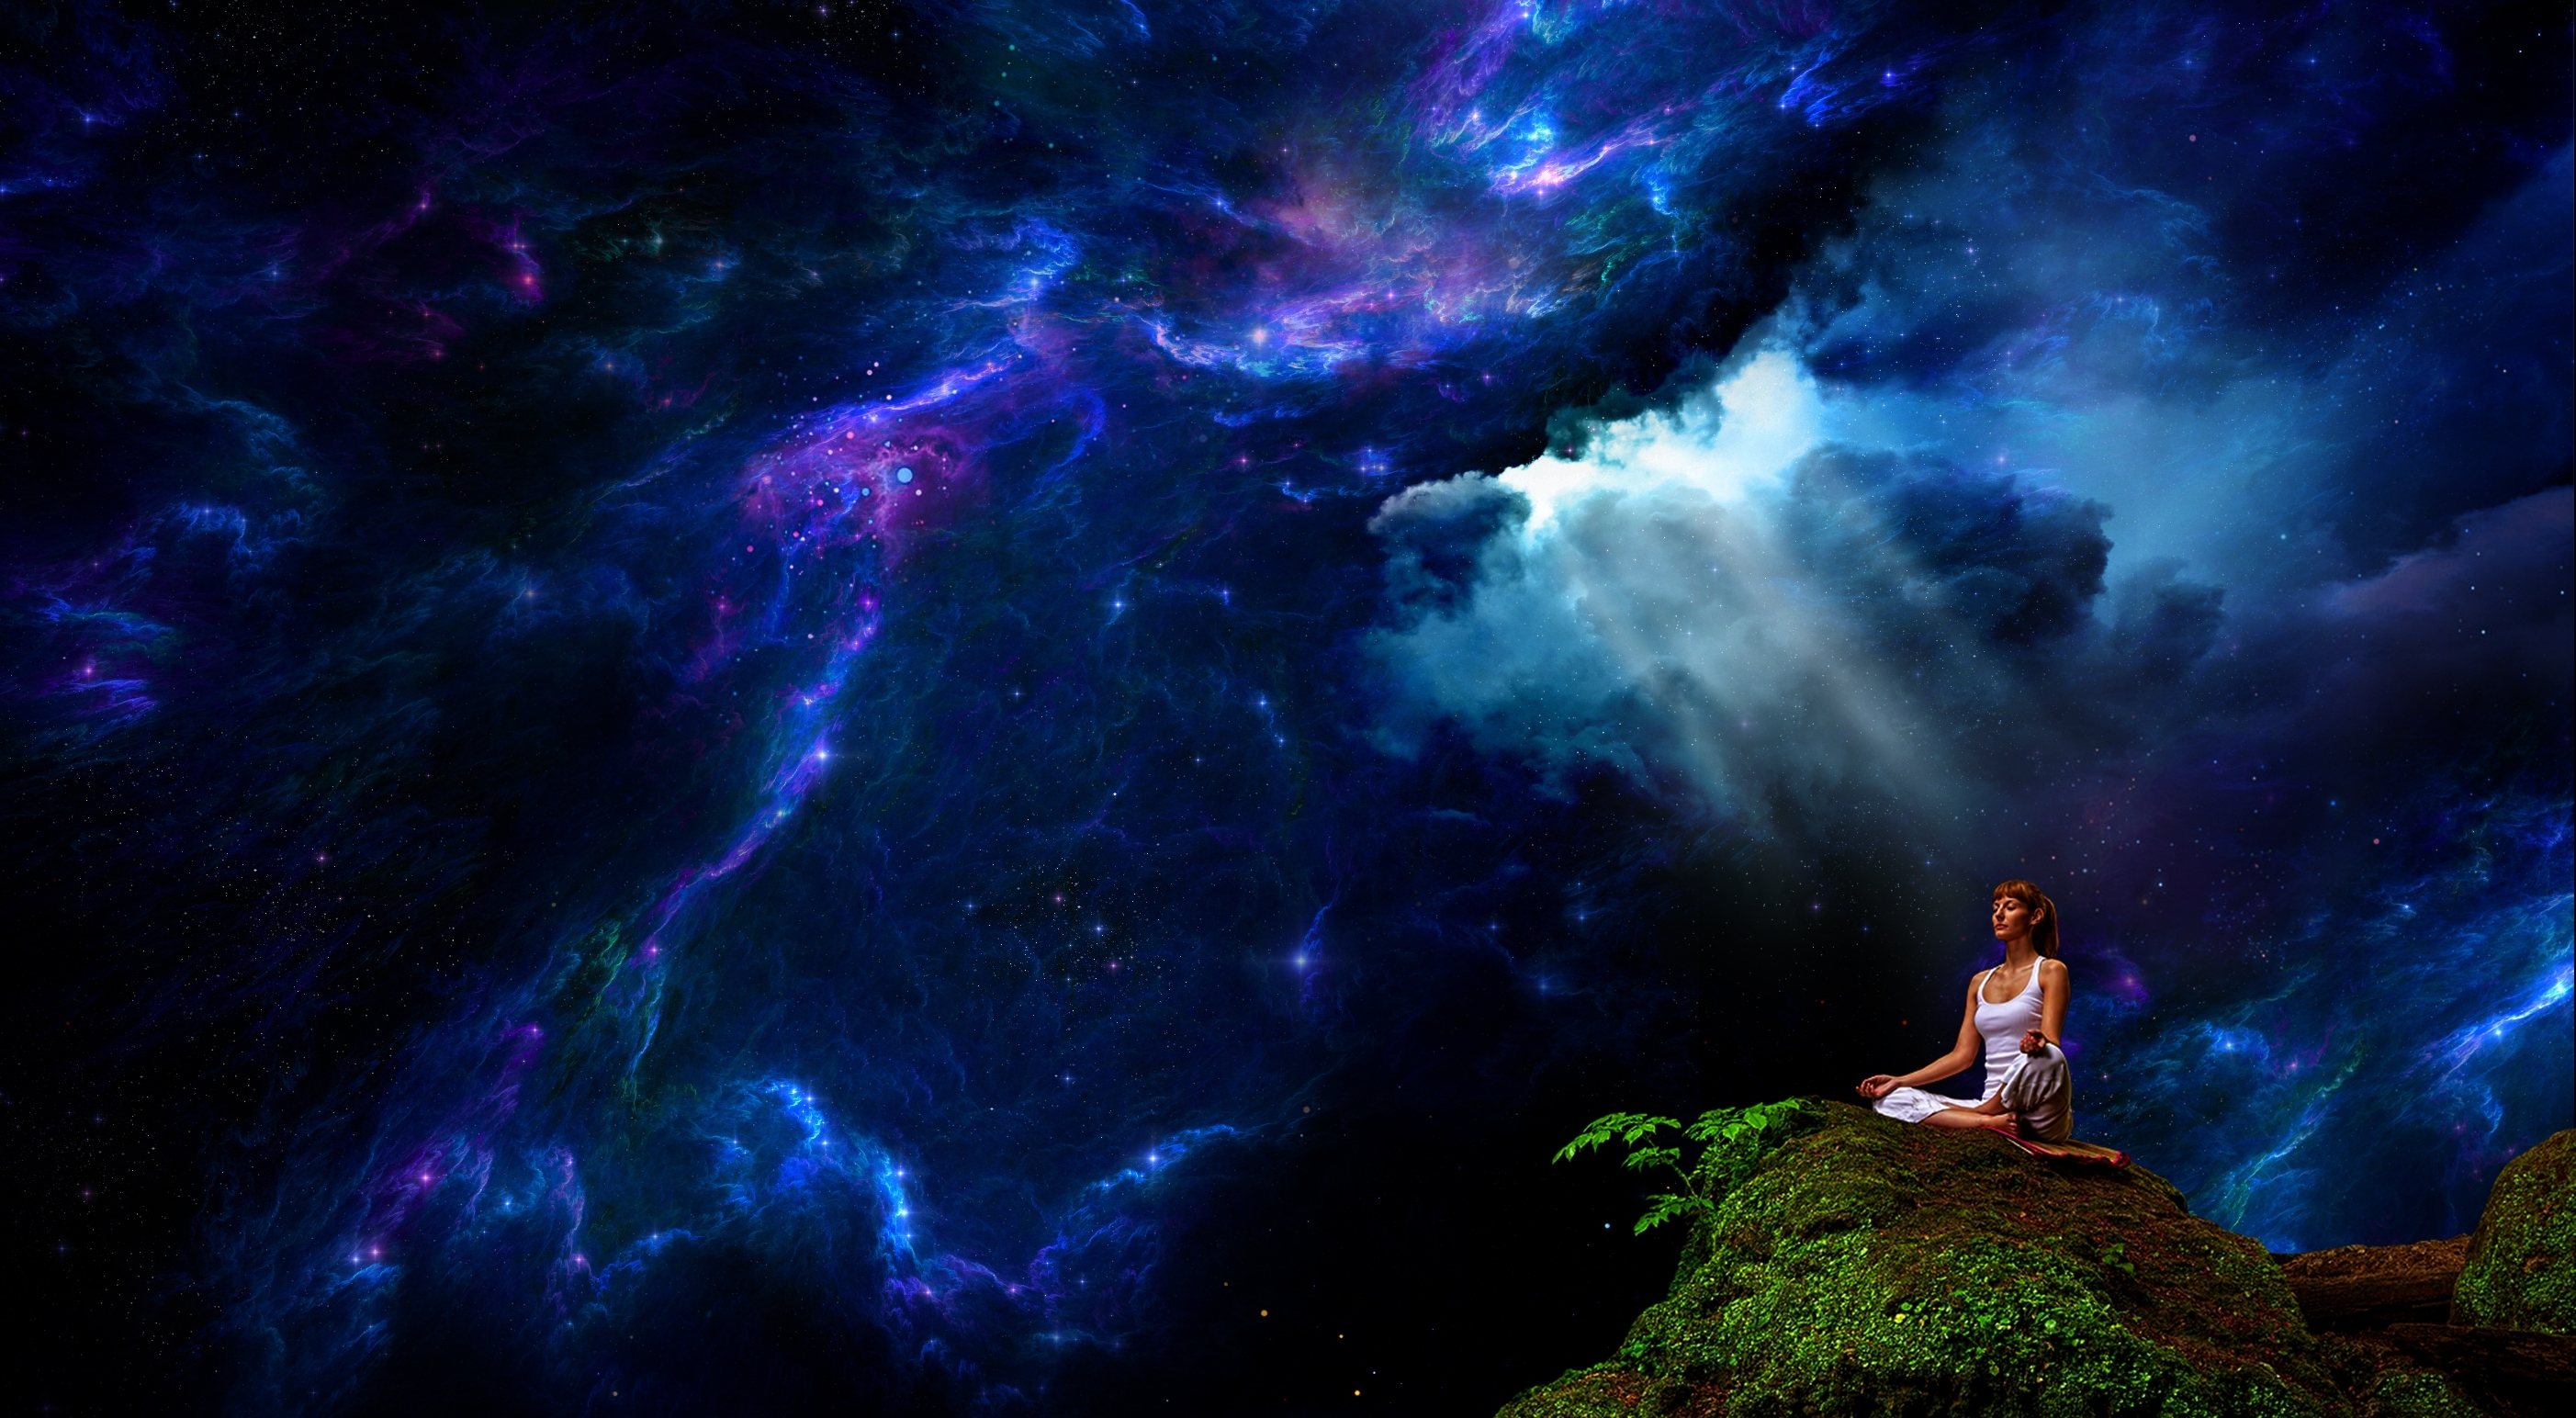 Meditation - Desktop Wallpaper